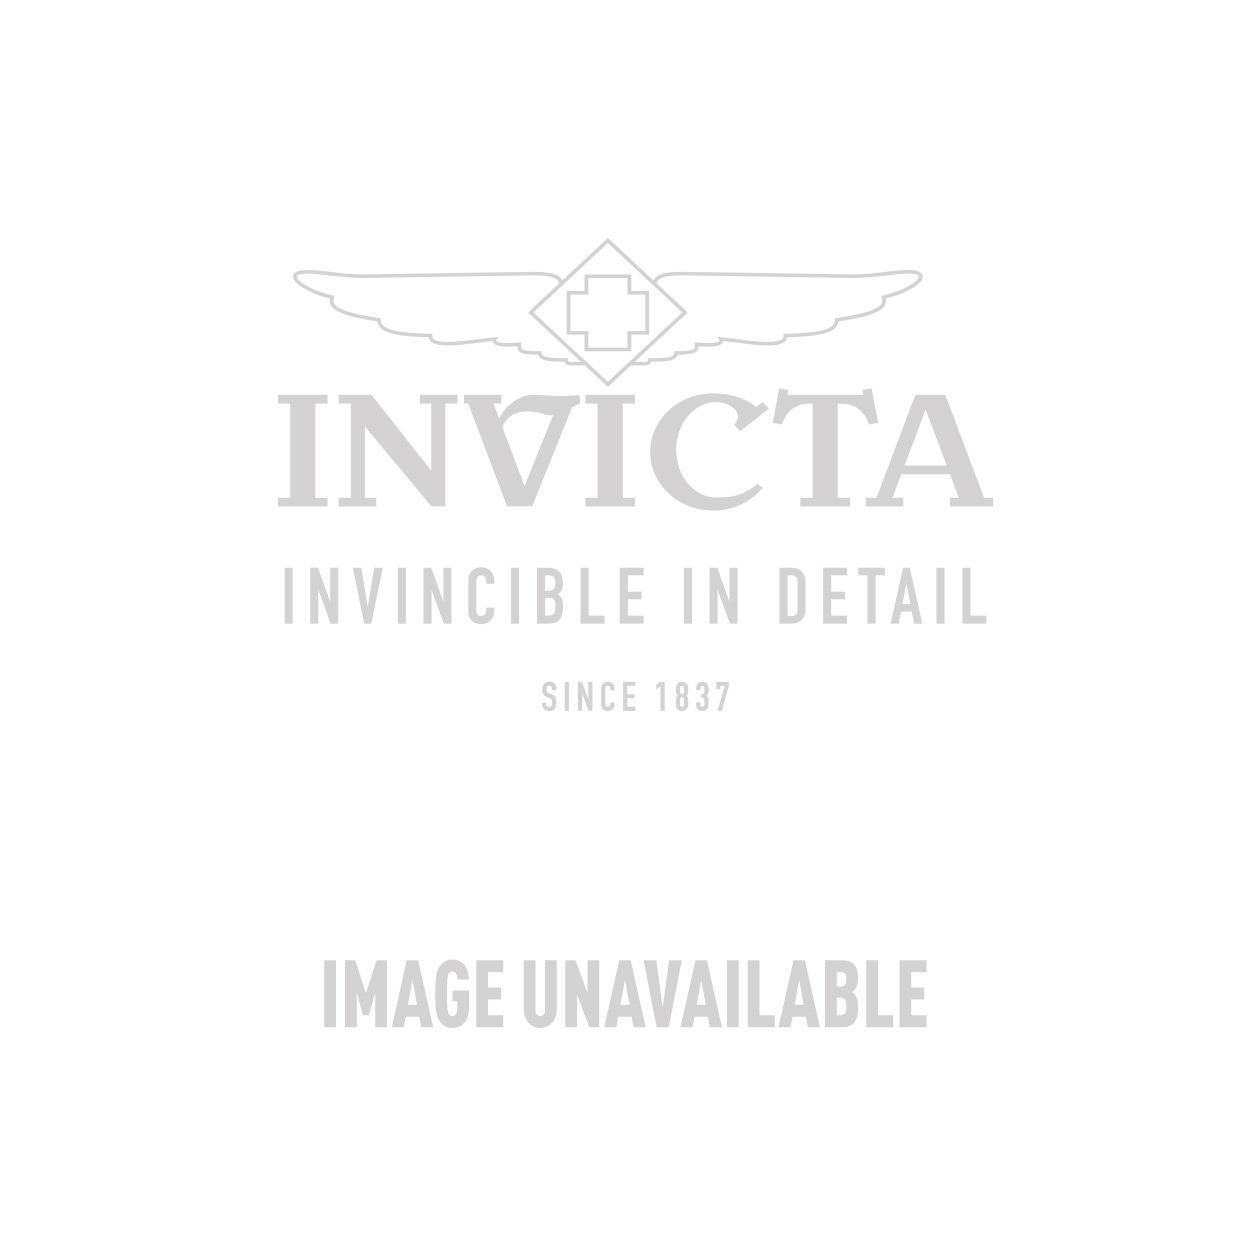 Invicta Model 27850